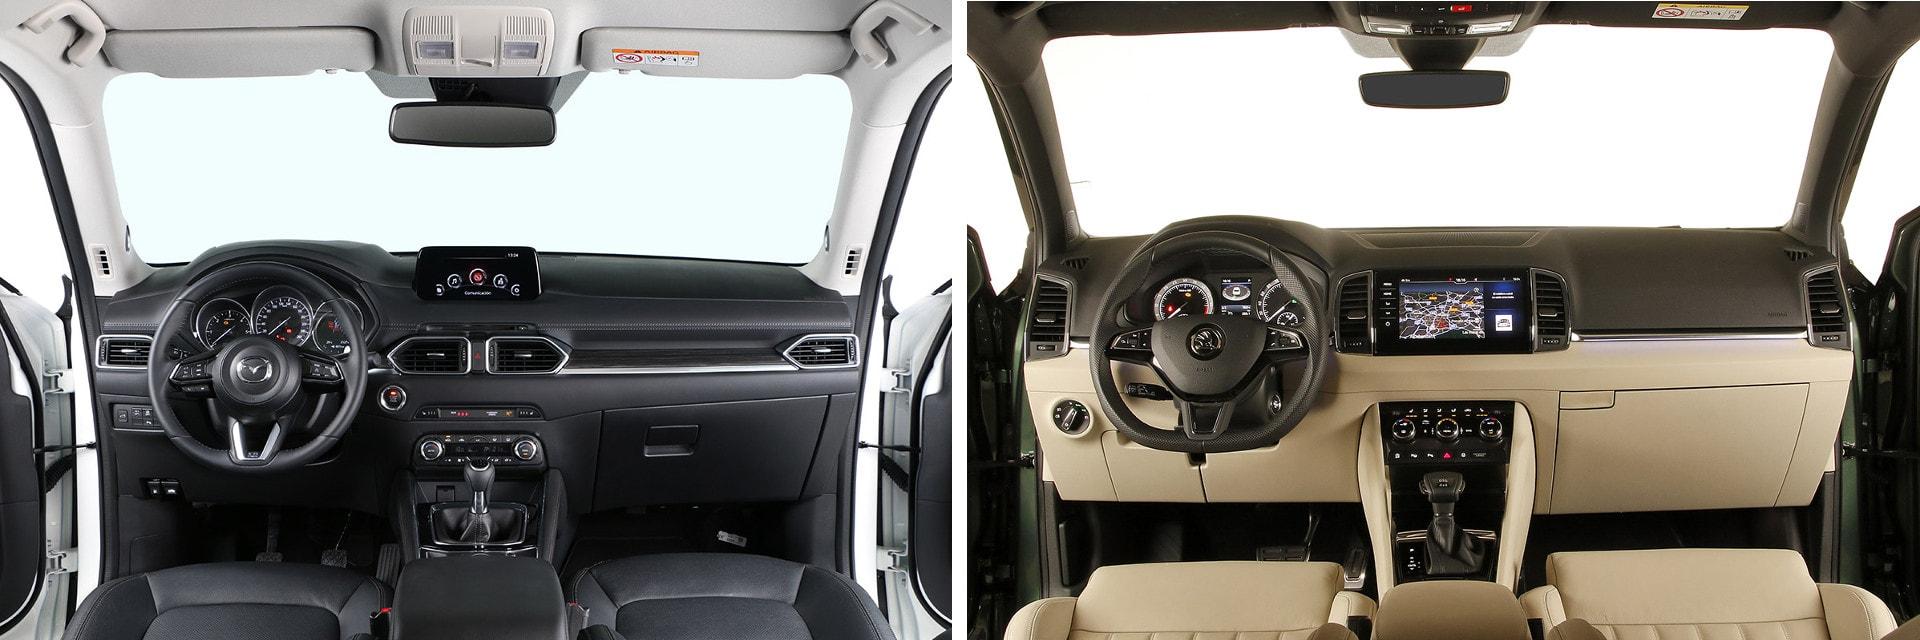 Tanto el Mazda (izq.) como el Škoda (dcha.) cuentan con un interior sólido y de buena presencia.